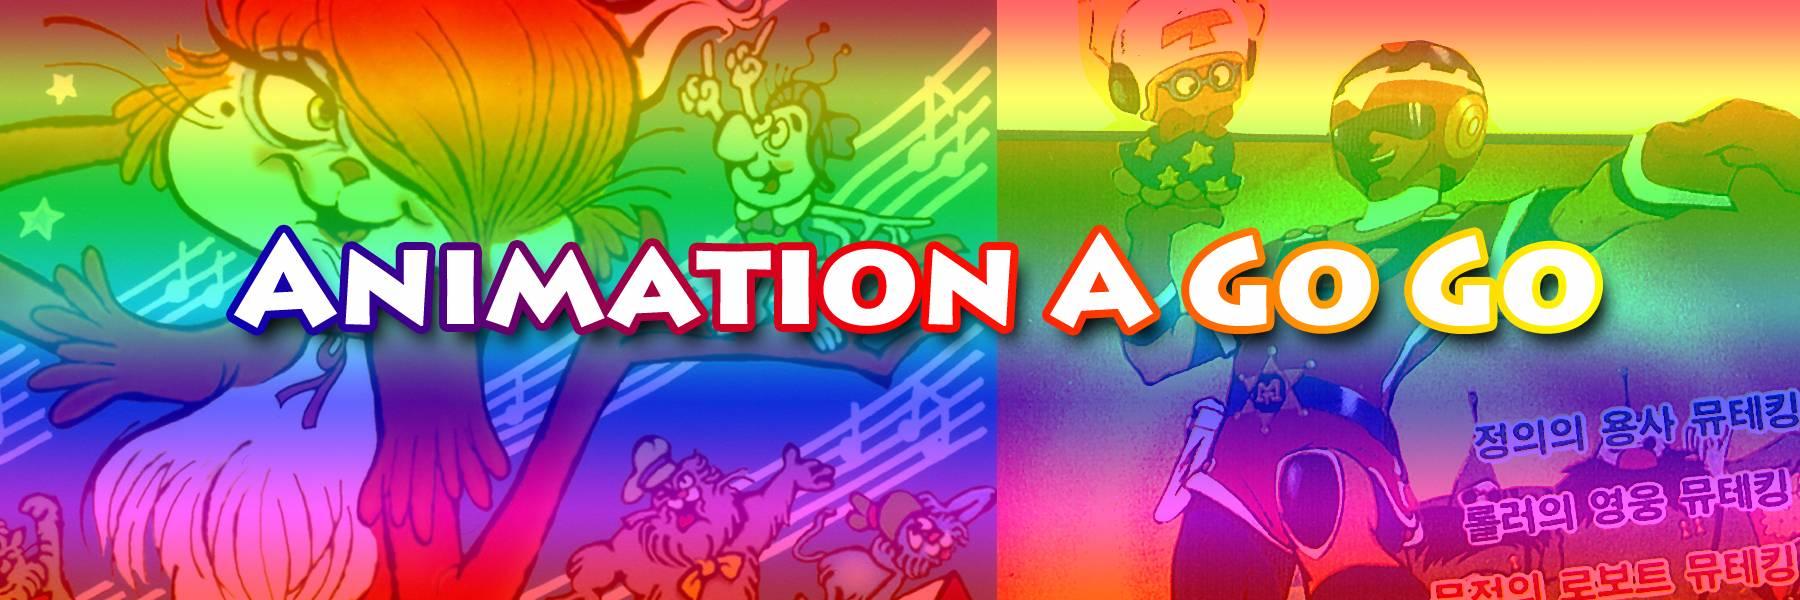 Animation A Go Go